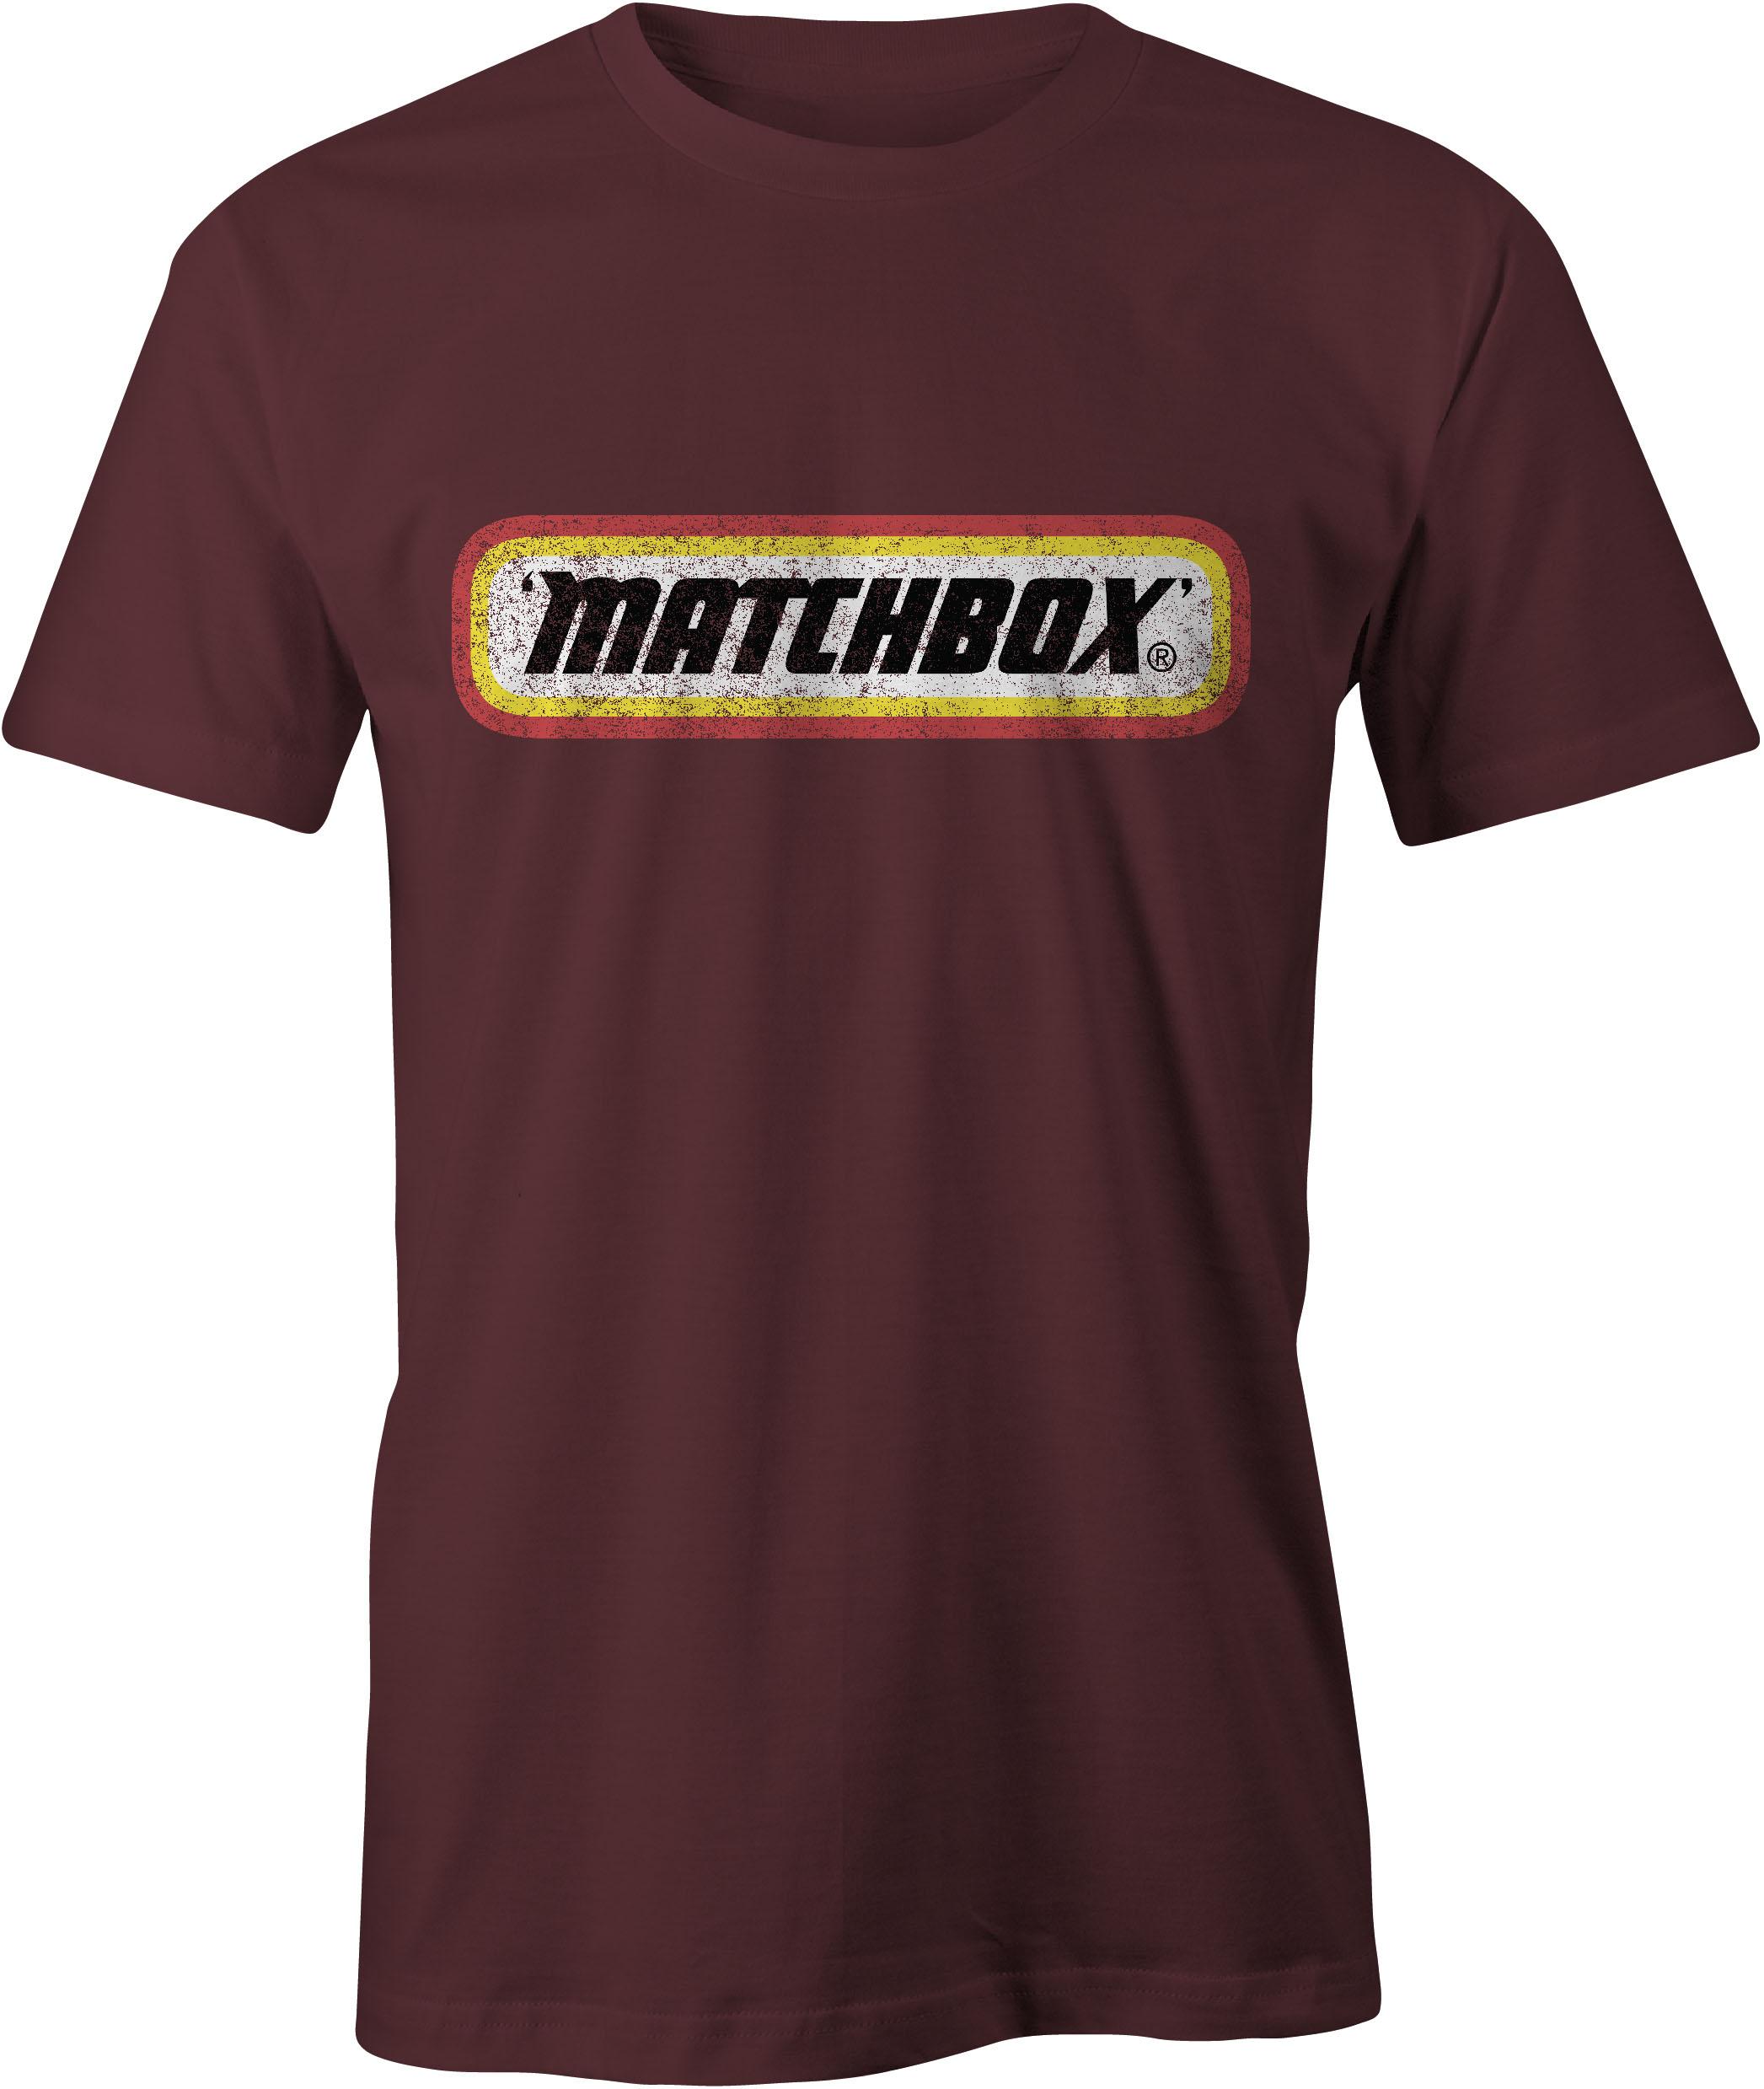 Matchbox T-Shirt Maroon